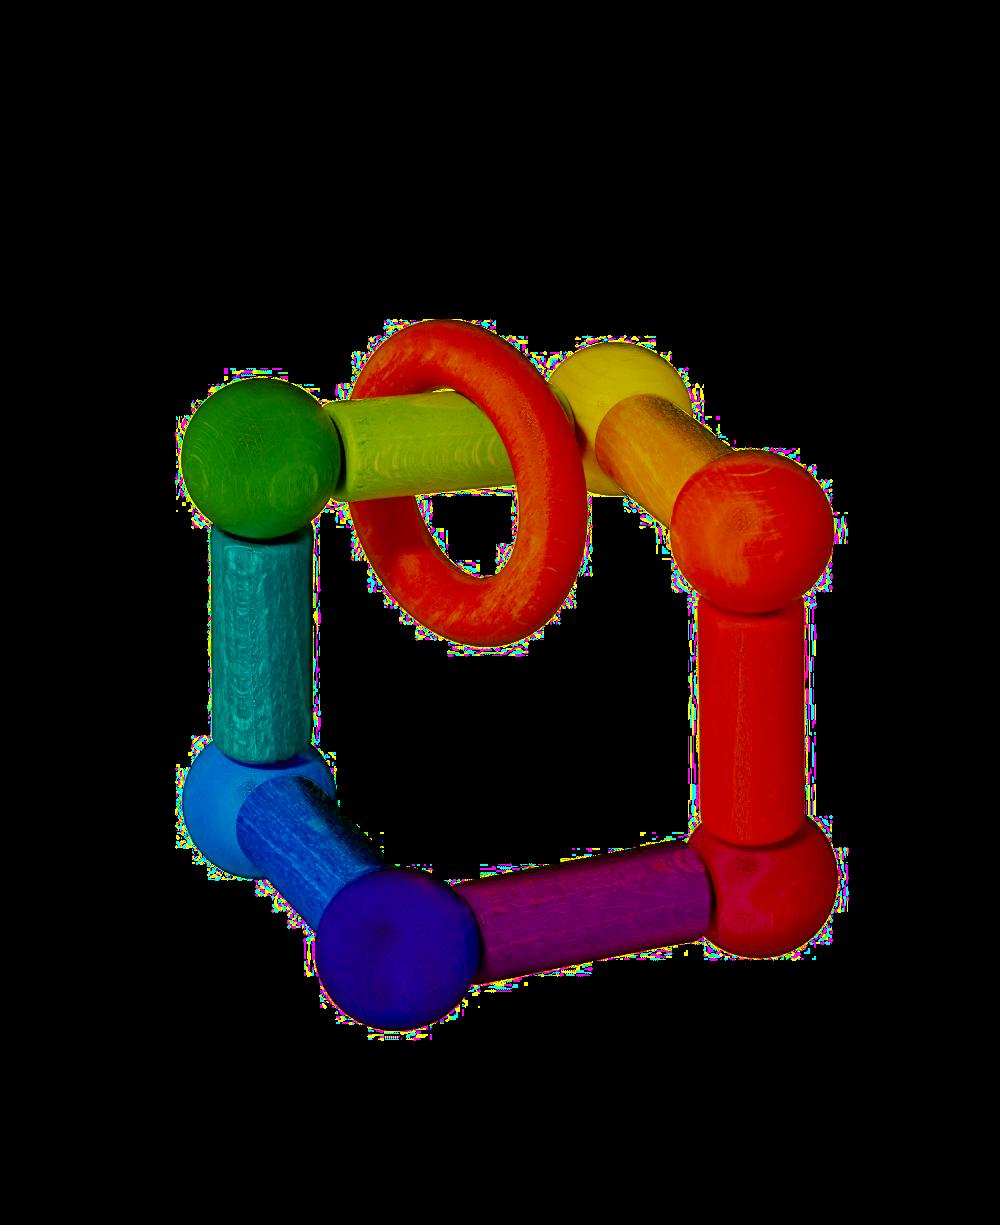 Kugel dřevěná hračka s kroužkem